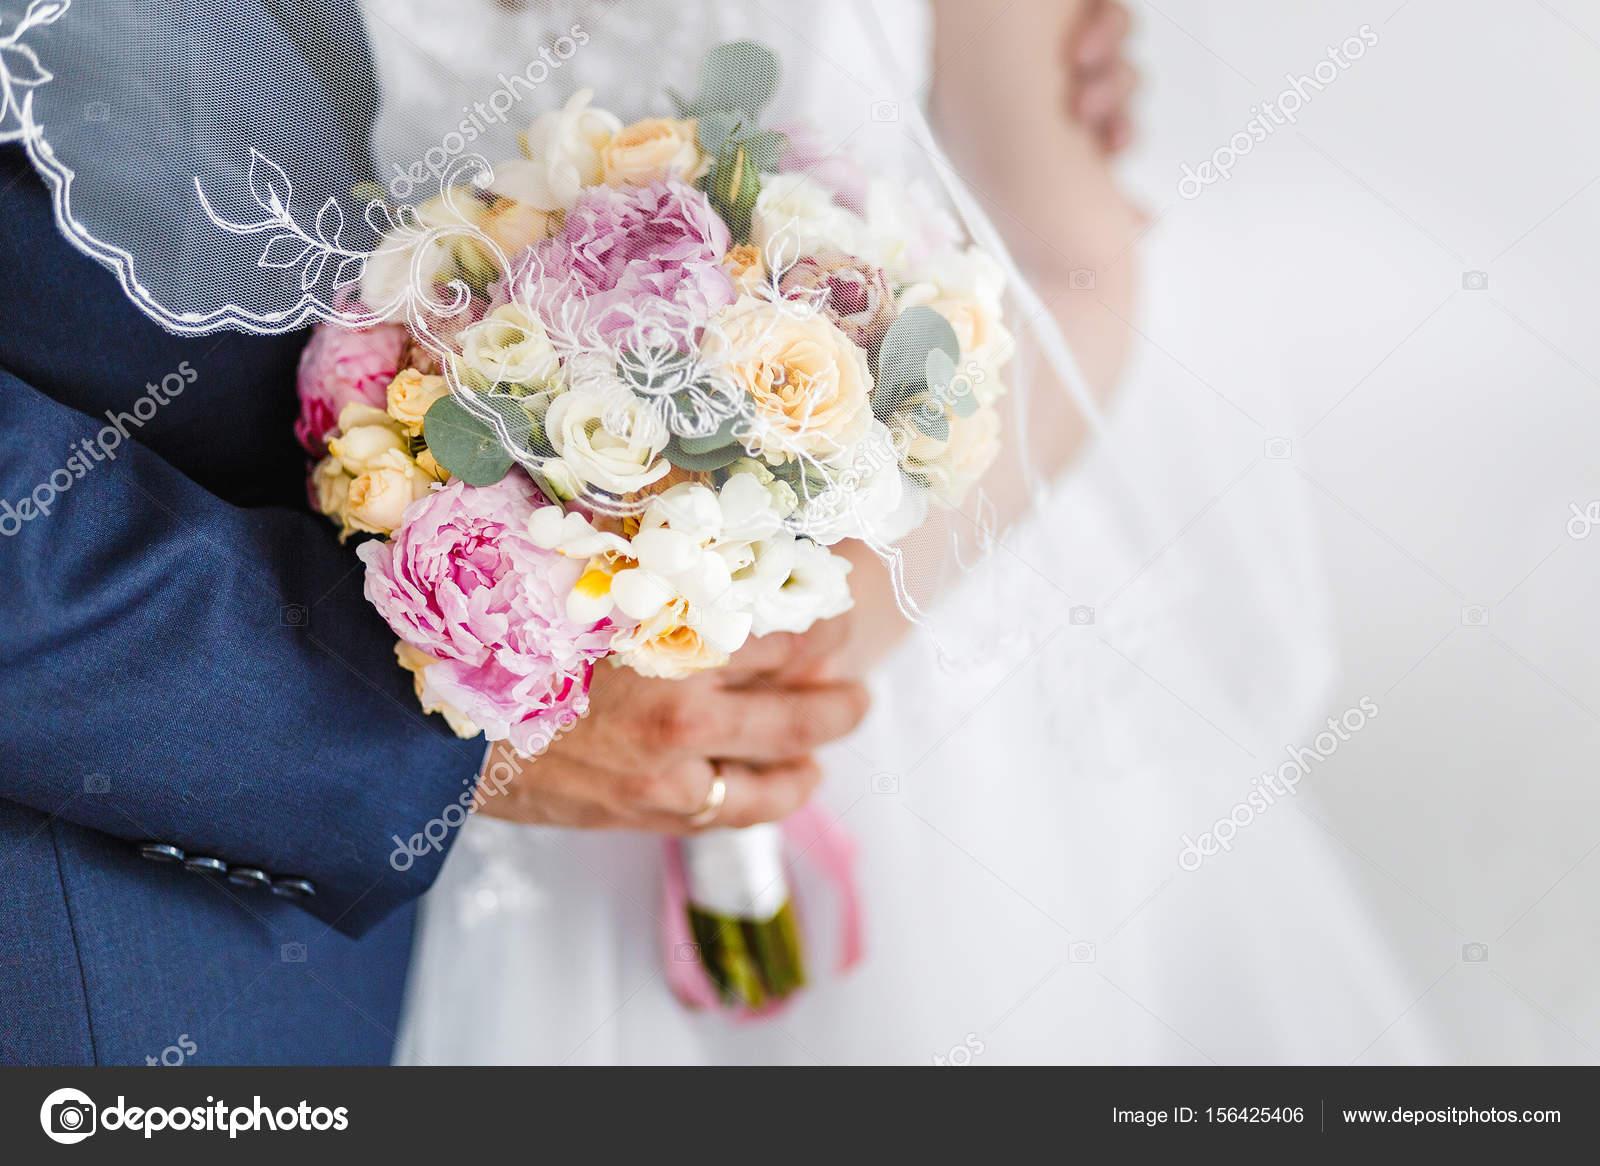 Die Braut Und Der Brautigam Umarmen Und Halten Einen Hochzeit